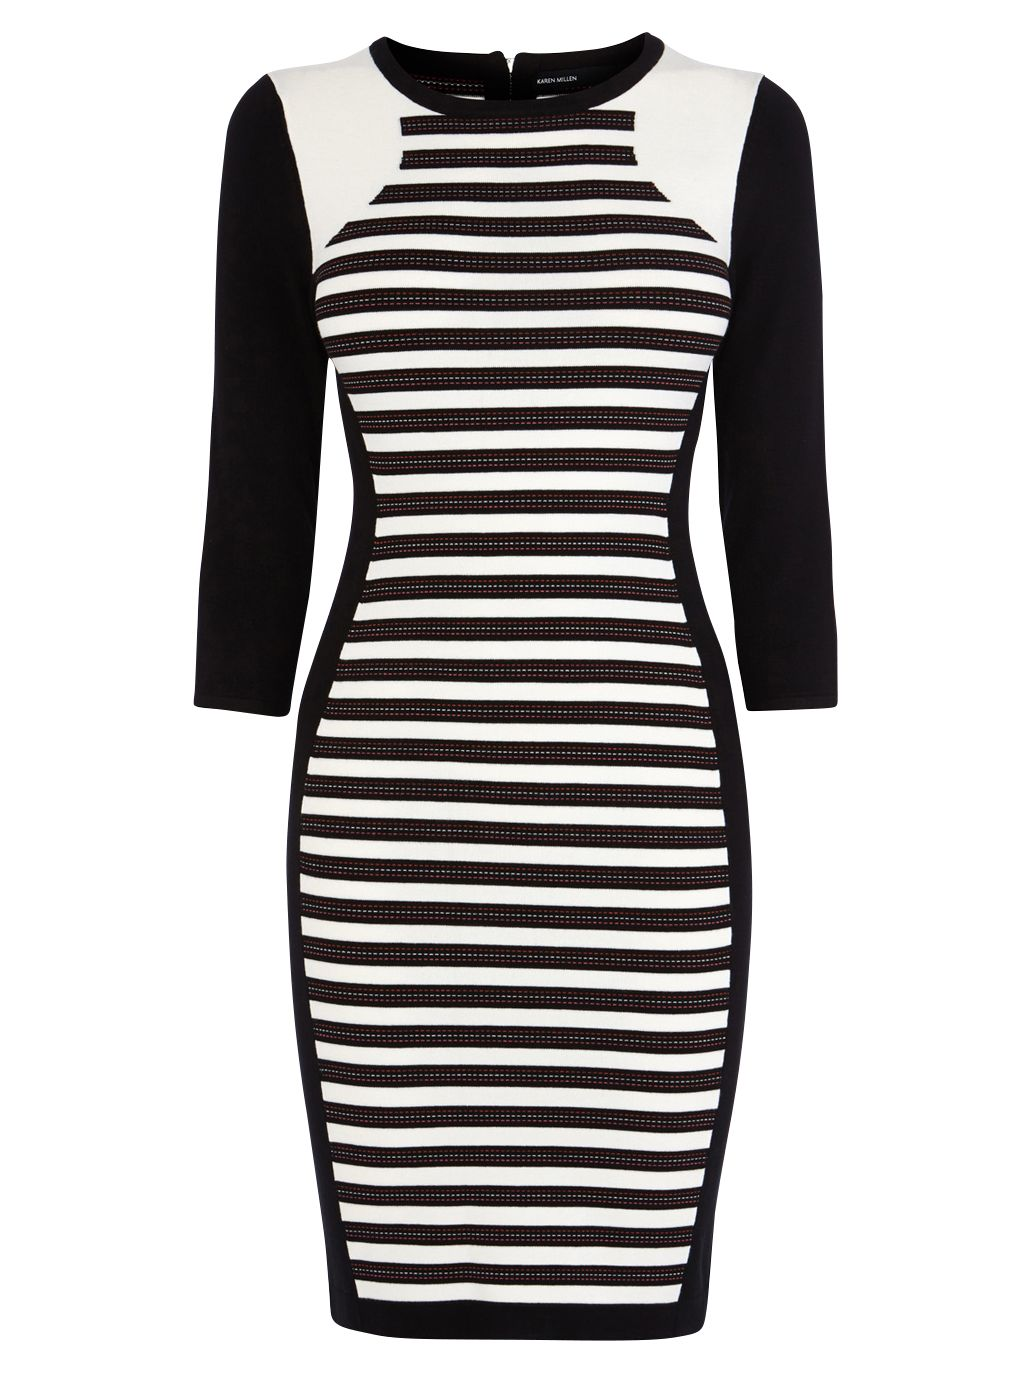 karen millen stripe knitted dress black/white, karen, millen, stripe, knitted, dress, black/white, karen millen, 4 3 2 1, women, womens dresses, womens holiday shop, city break, 1893399